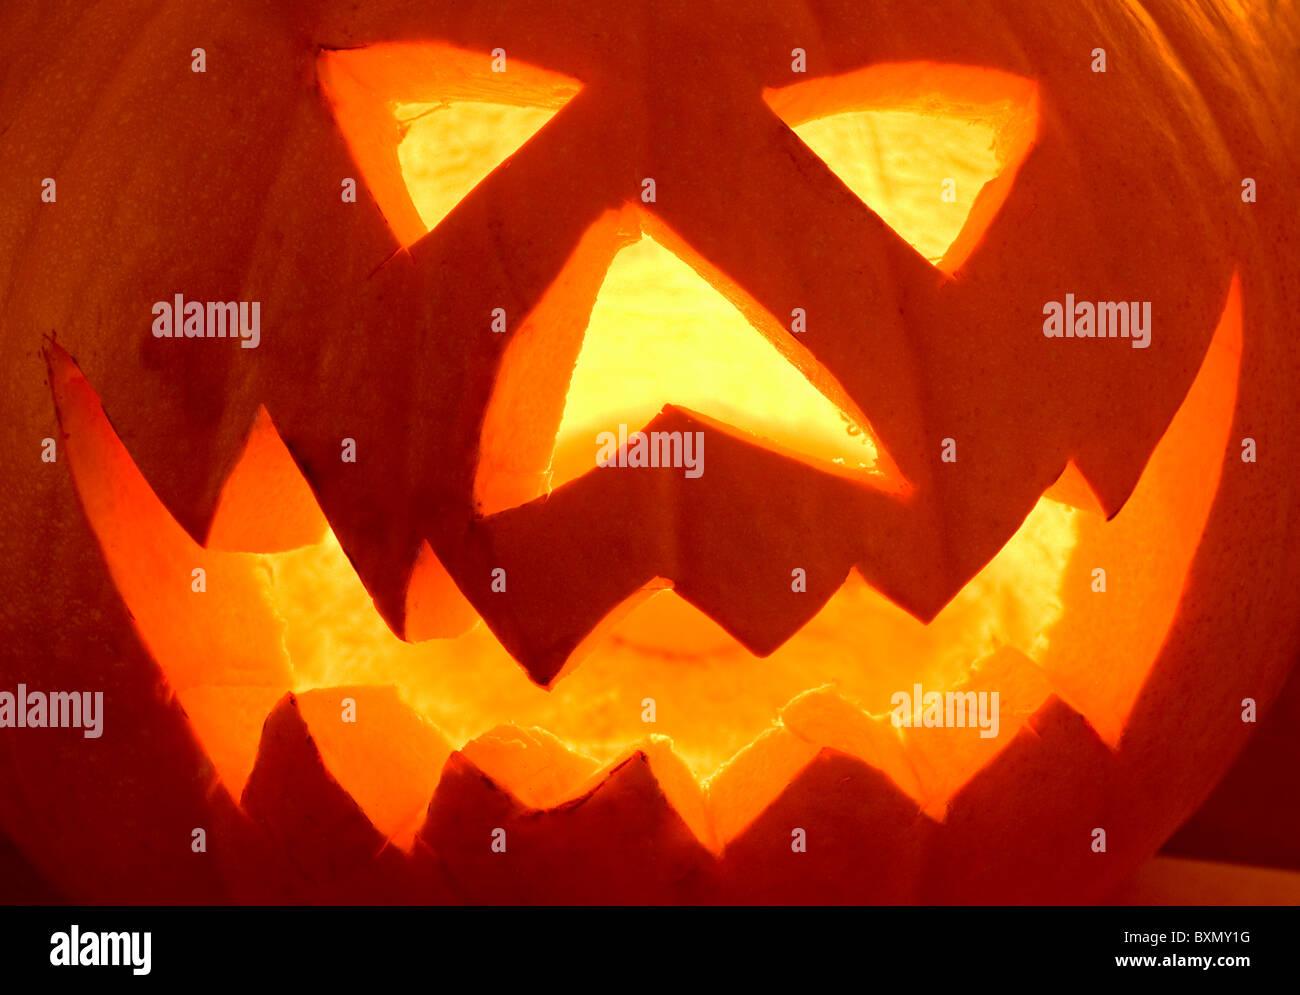 Illuminated Scary Halloween Pumpkin Face - Stock Image